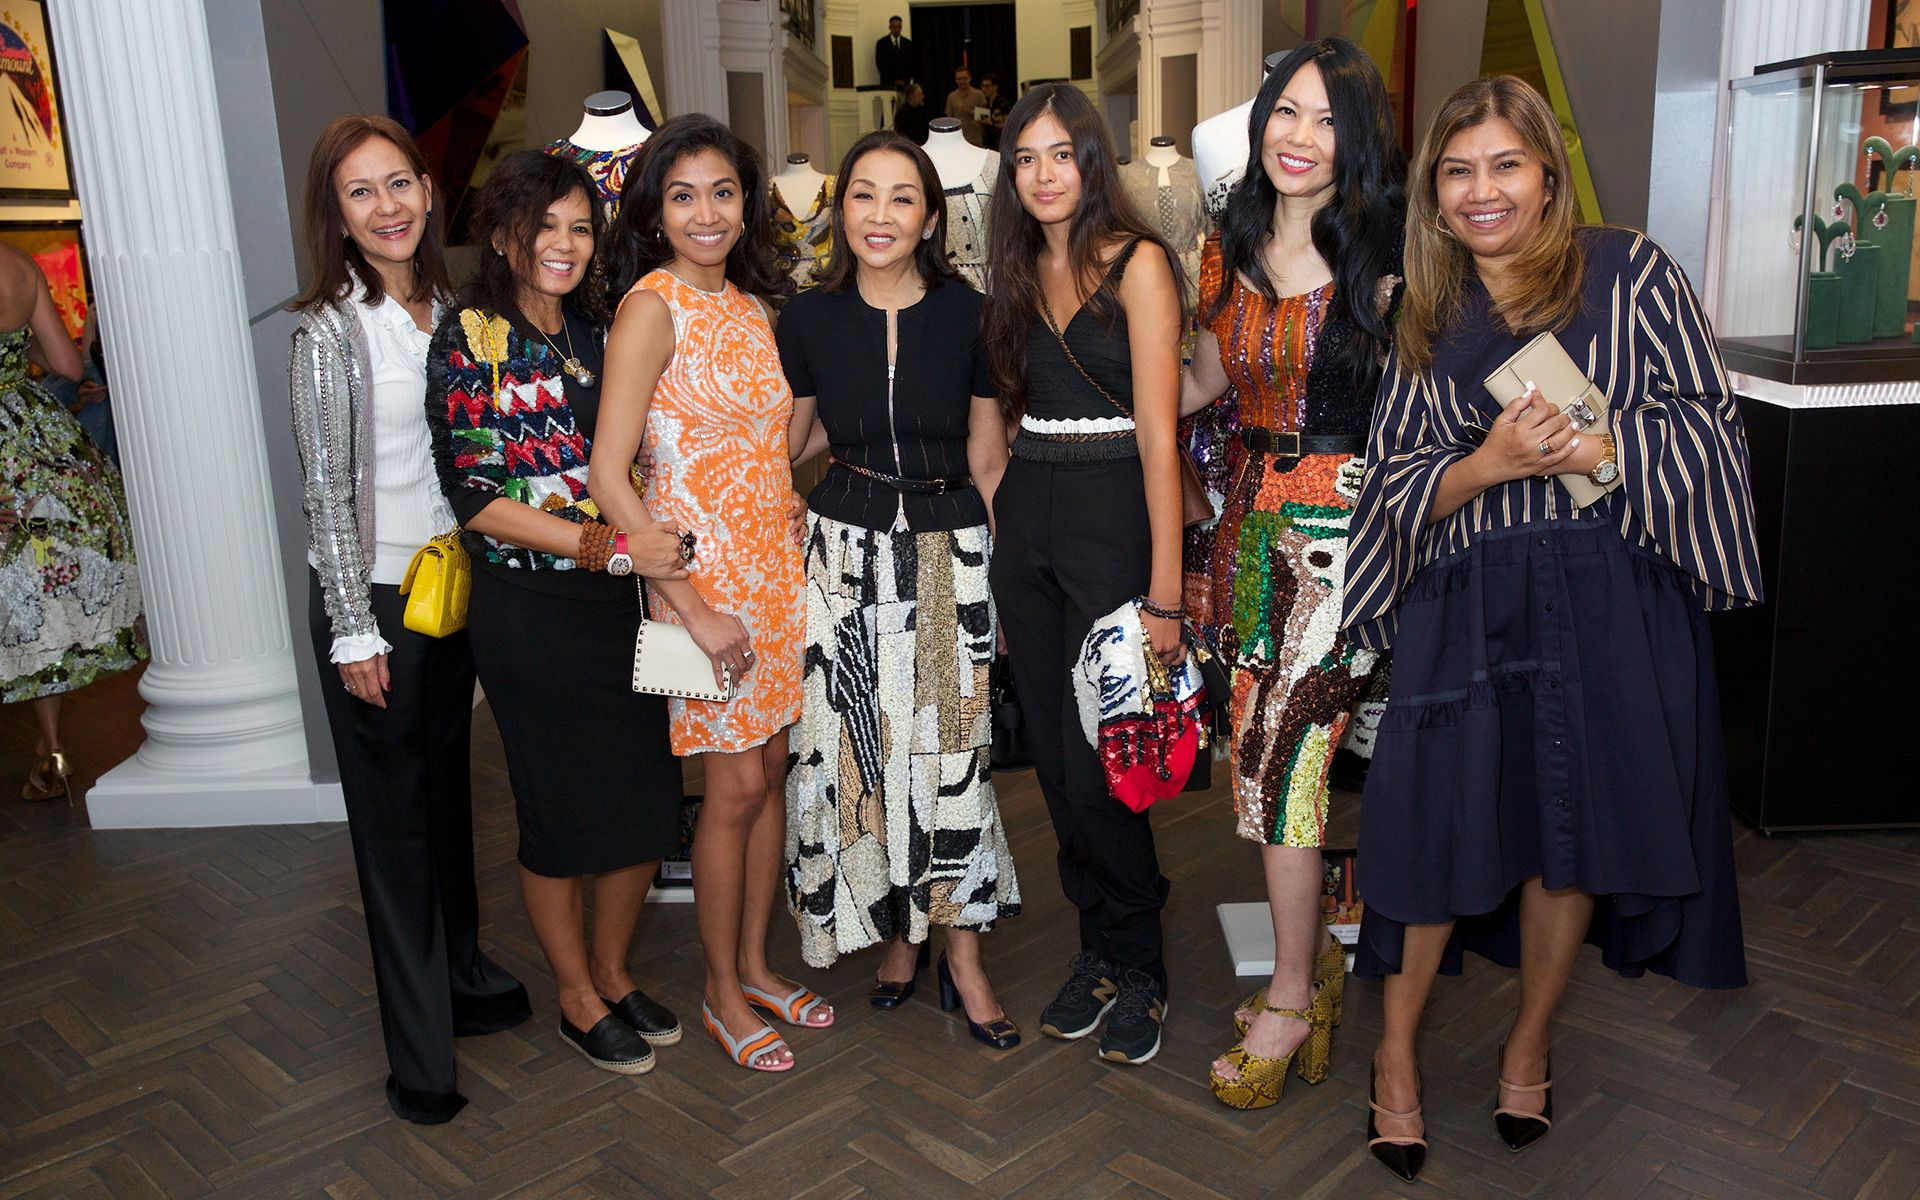 Dato' Zaha Rina Zahari, Delia von Rueti, Raisa Sufian, Dato' Seri Farah Khan, Sarah von Rueti, Datin Chai Schnyder and Datin Alissa Fitri